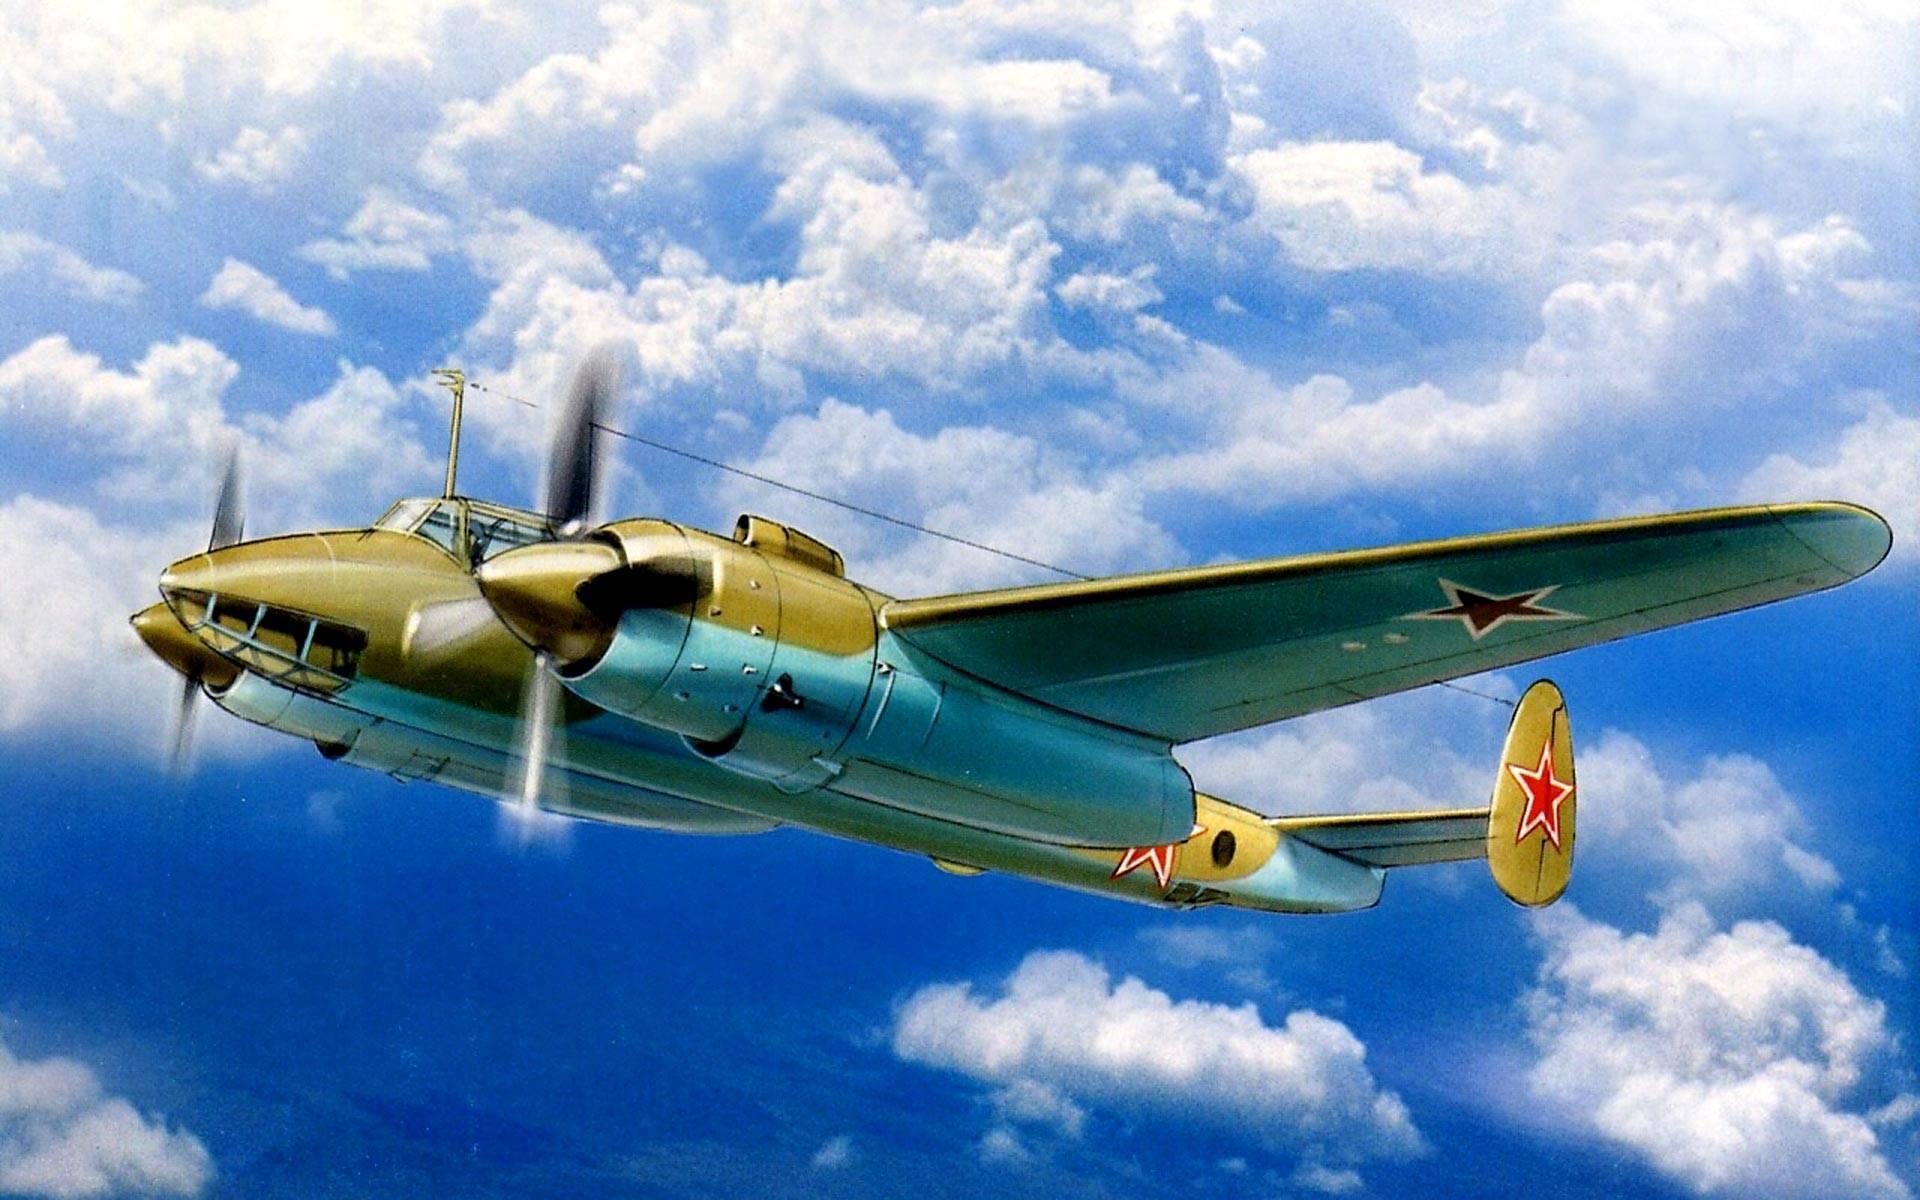 Бомбардировщик пе-2 - описание конструкции